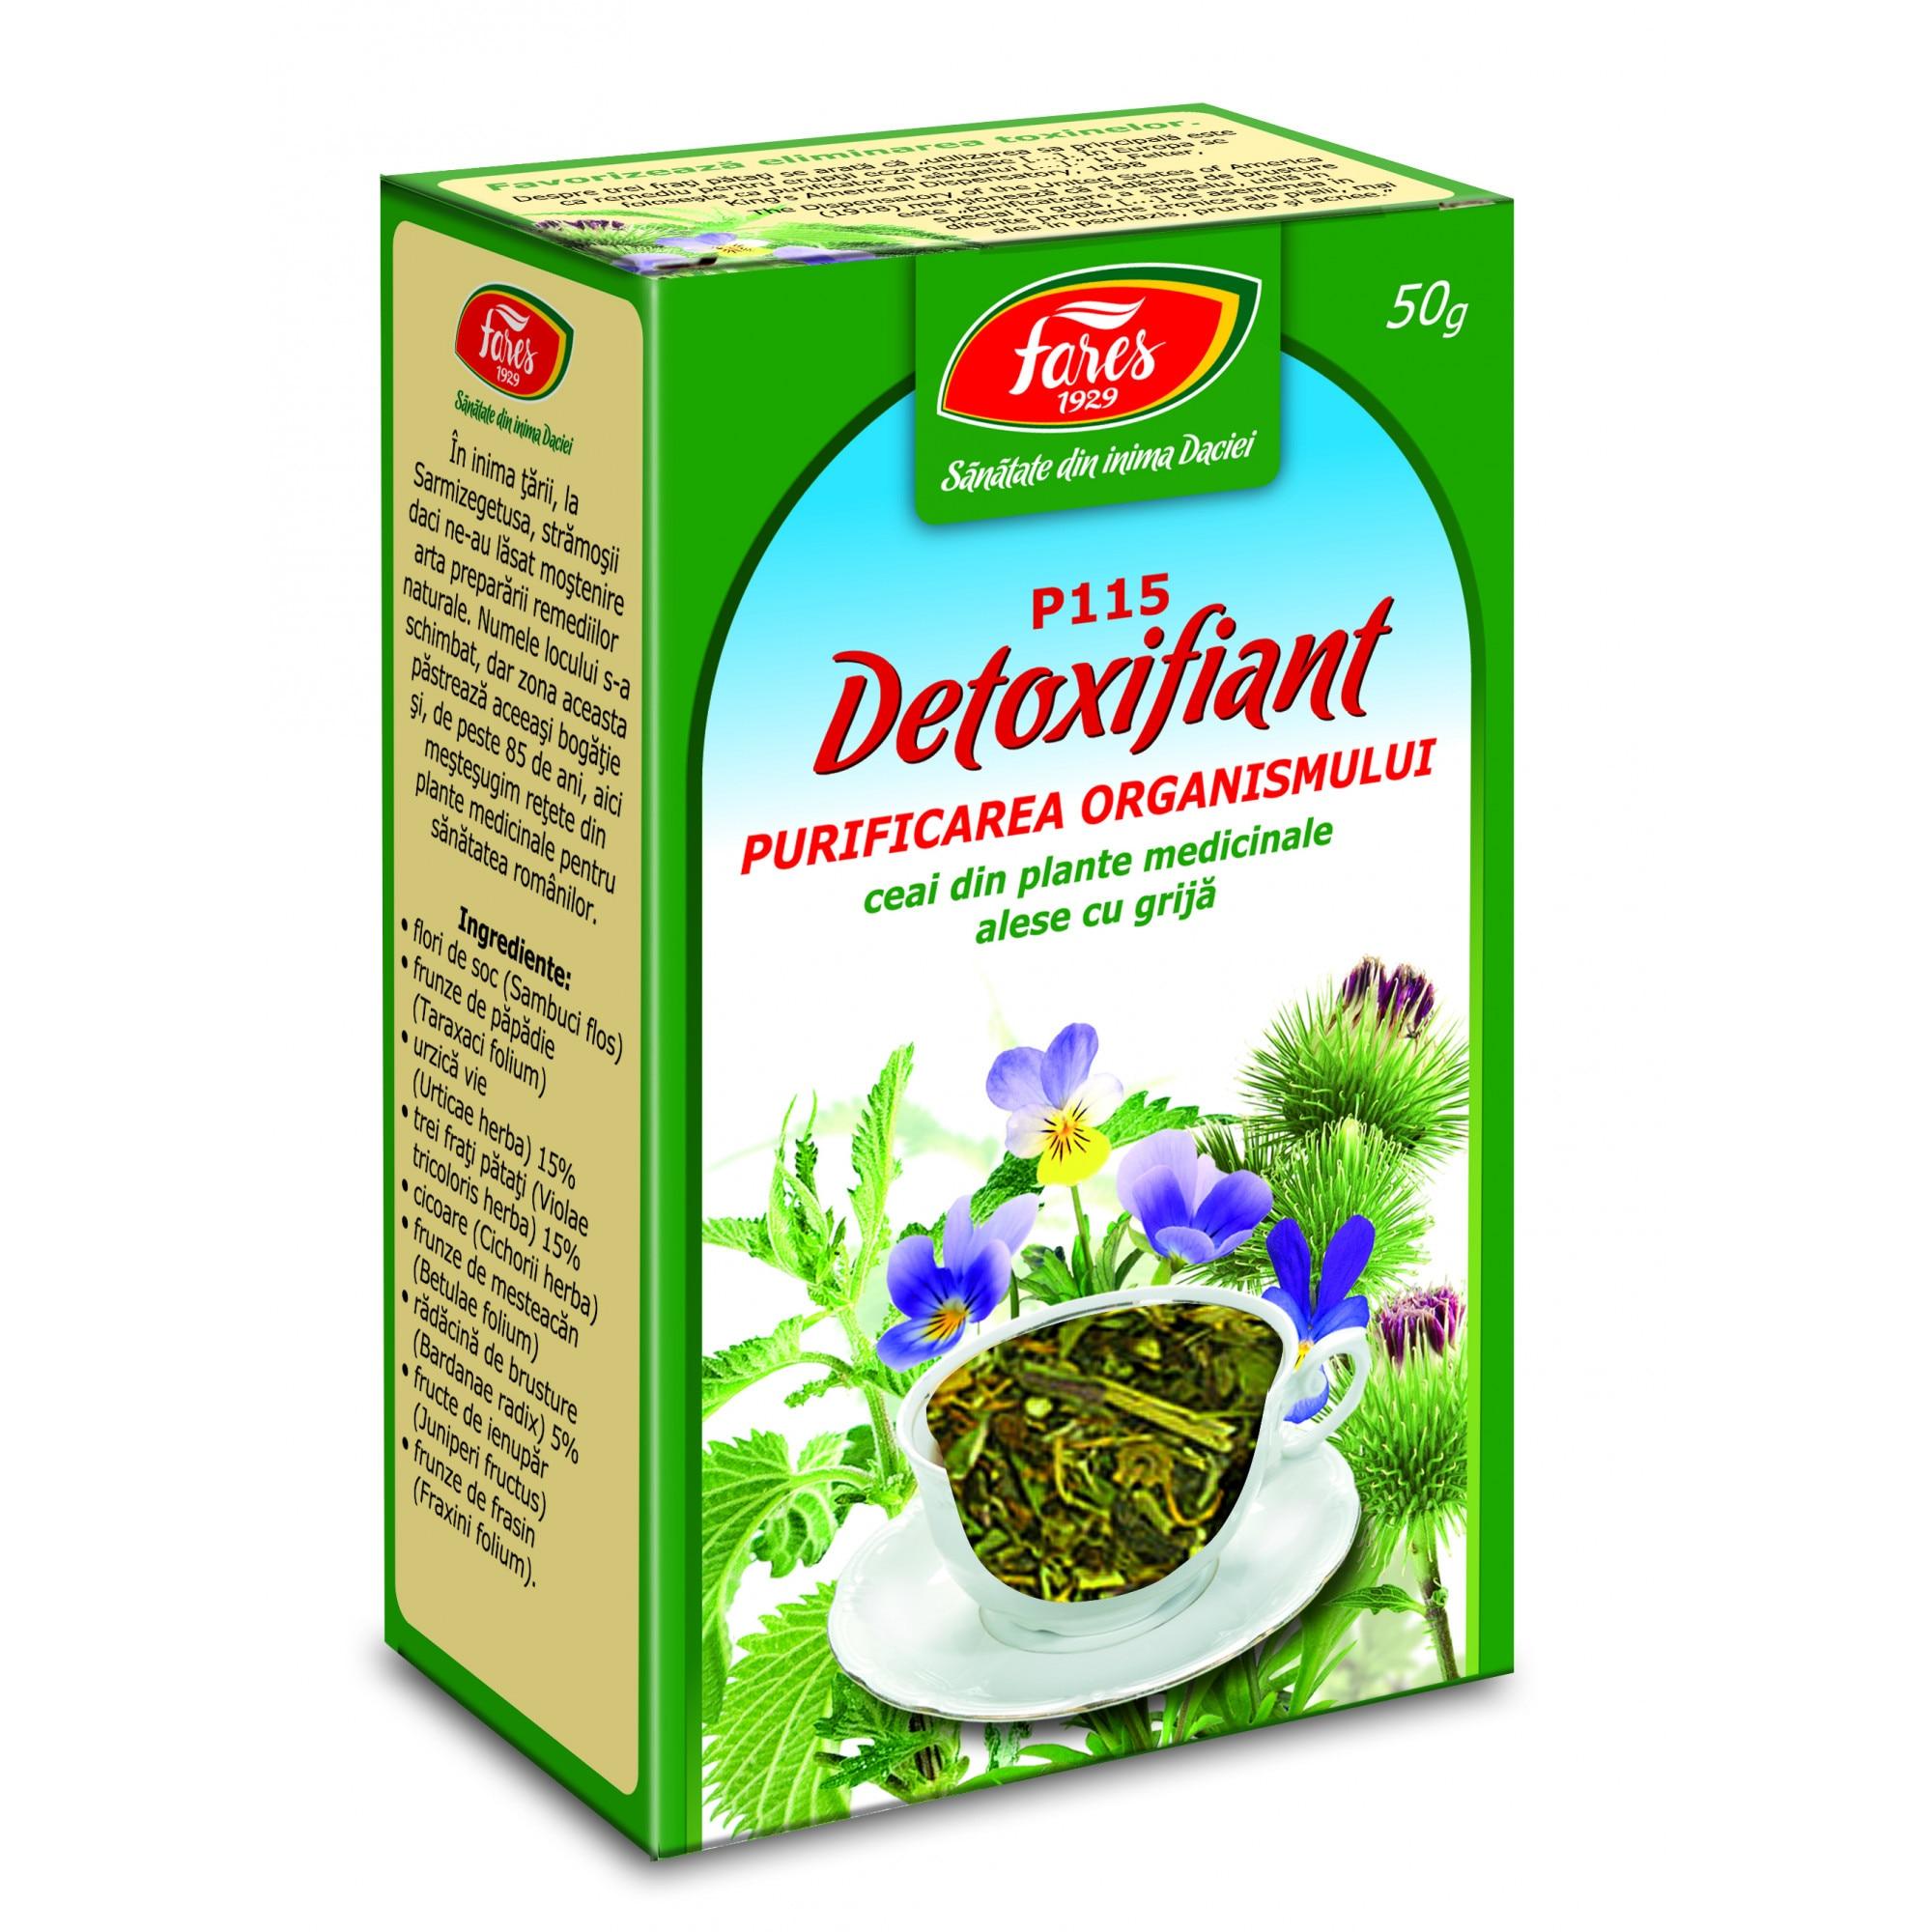 Detoxifierea organismului - Tot ce trebuie sa stii despre detoxifiere